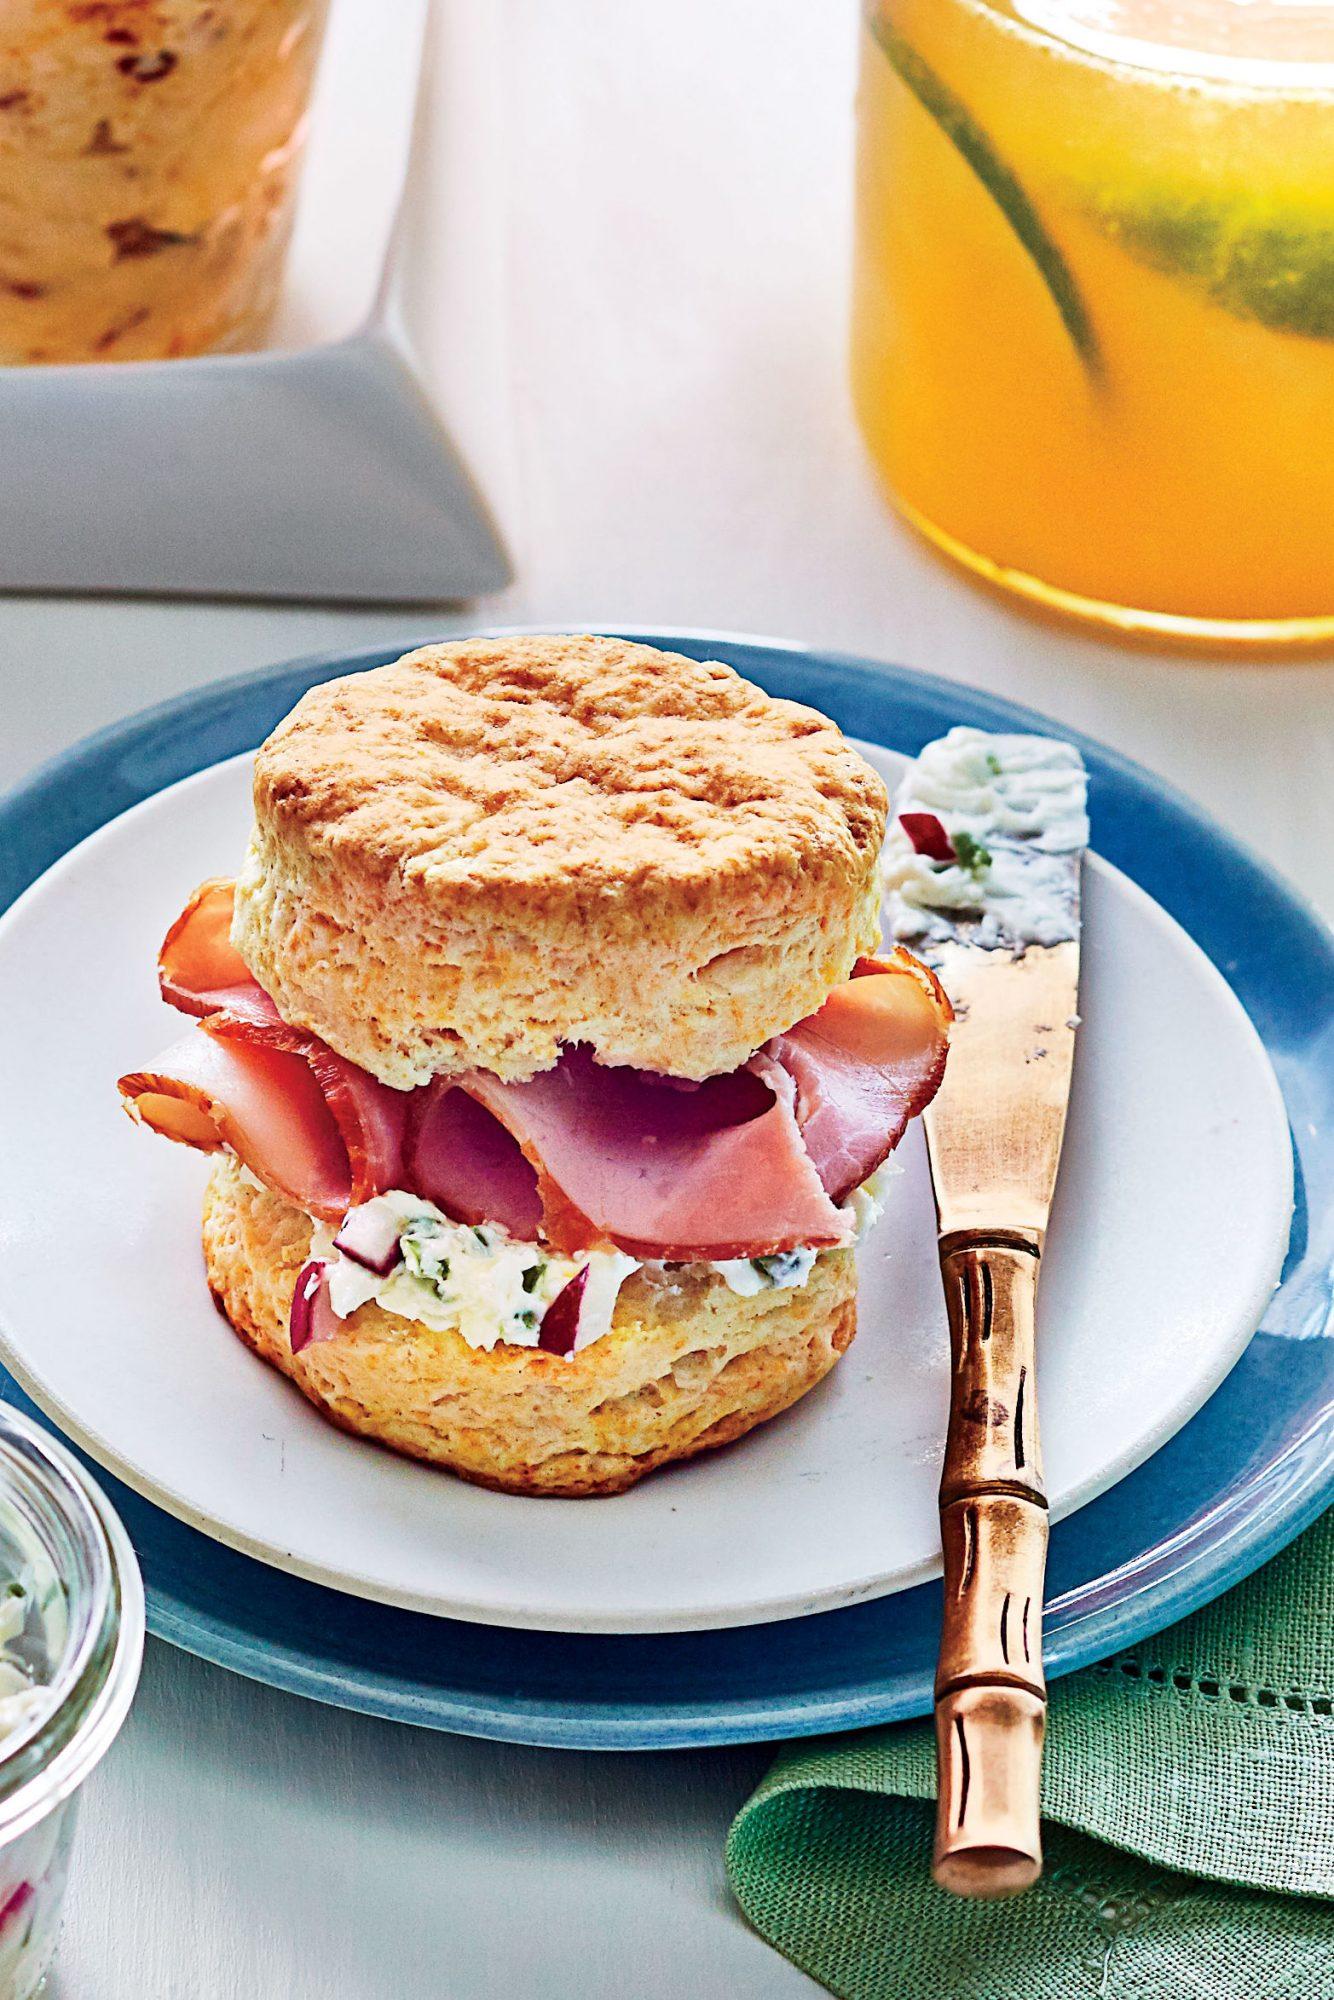 Buttermilk Biscuits with Ham